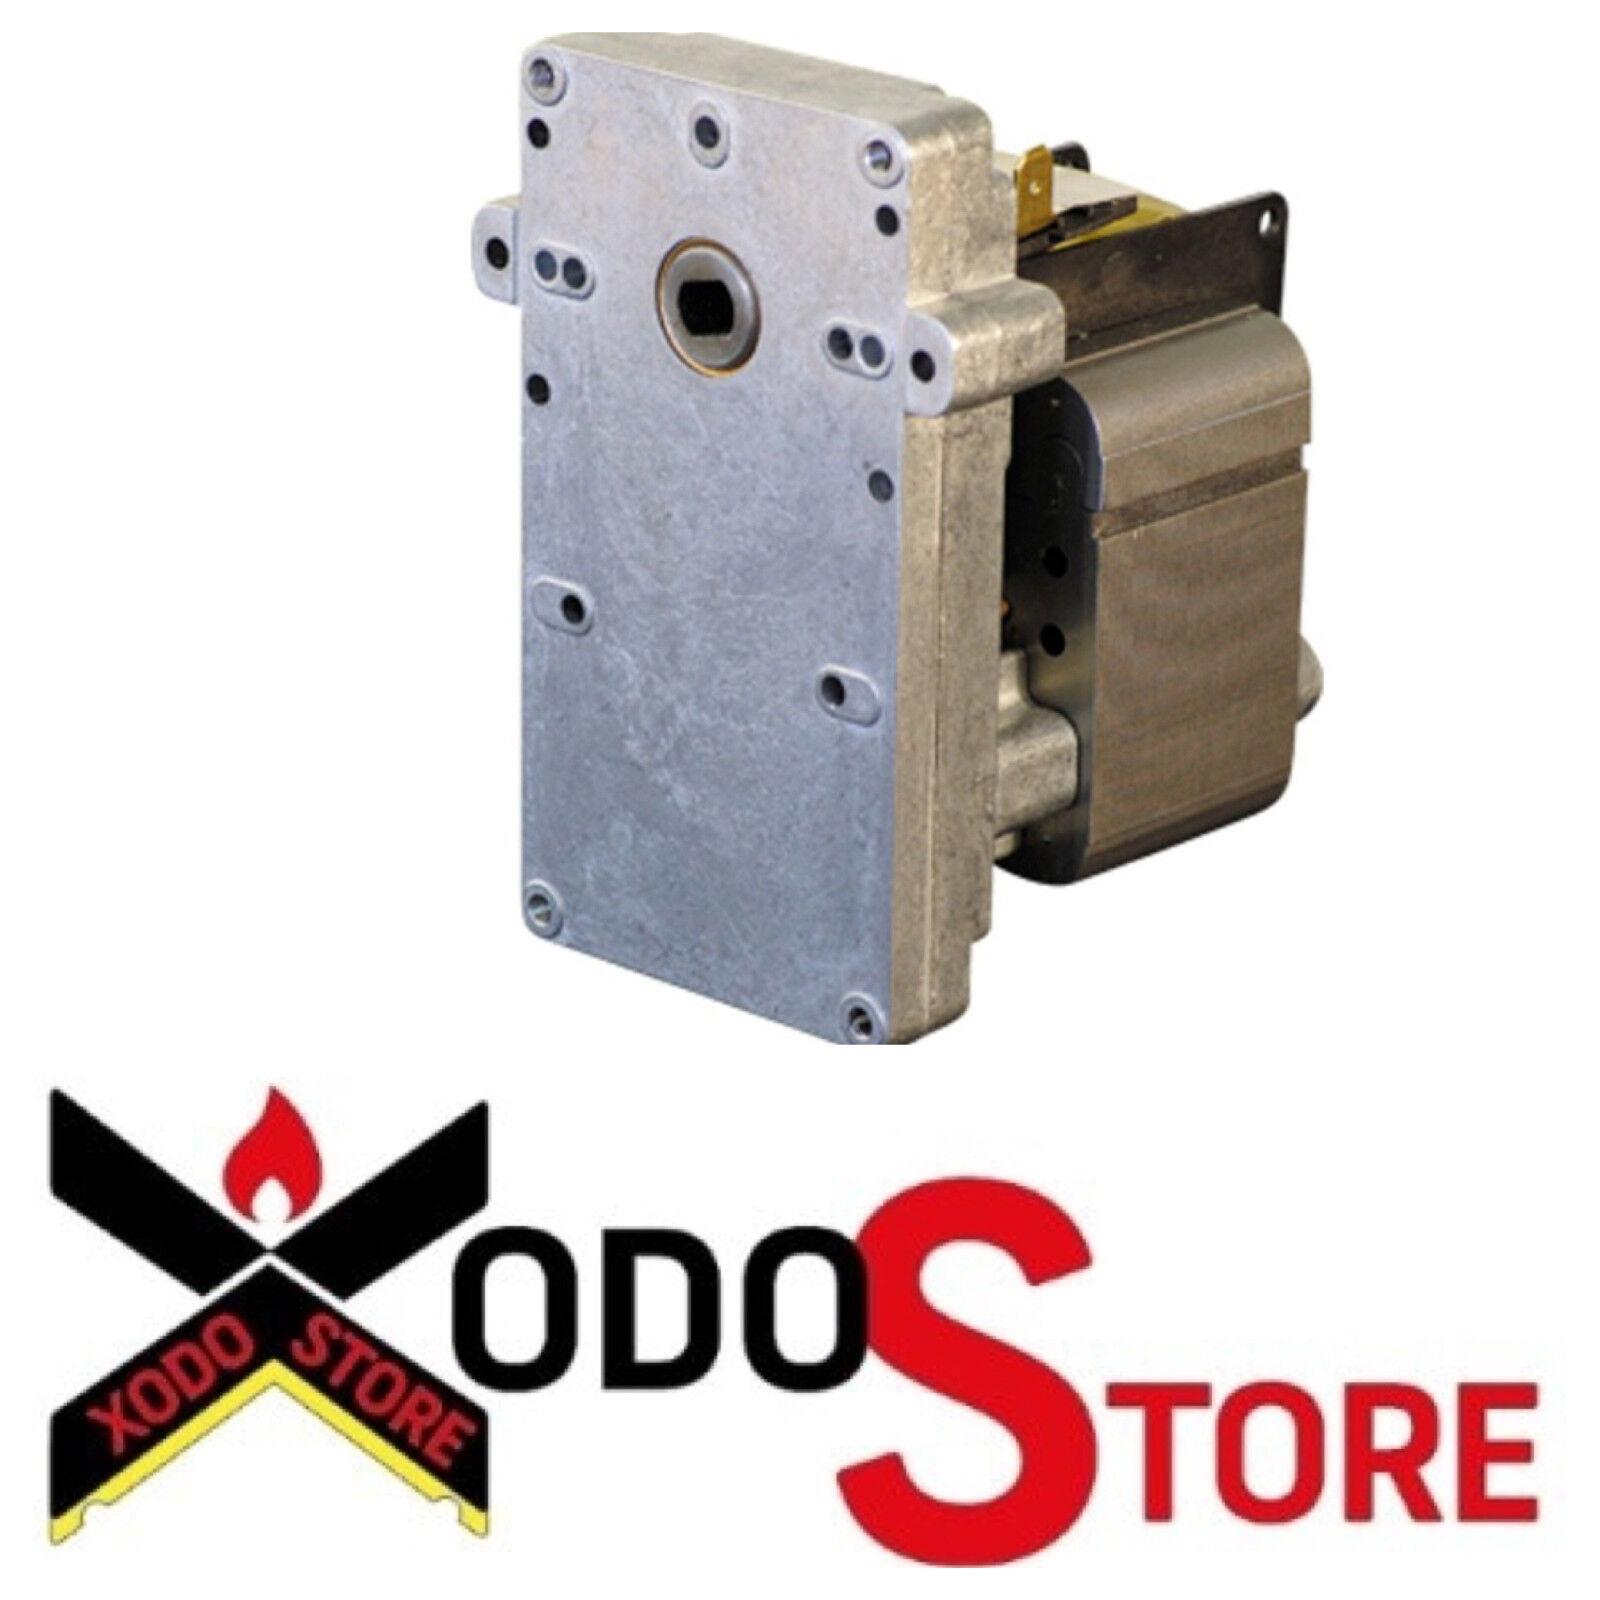 Réducteur de mouvement pour poêle pellet Arbre cable 8,5 mm 5 rpm Paquet 32